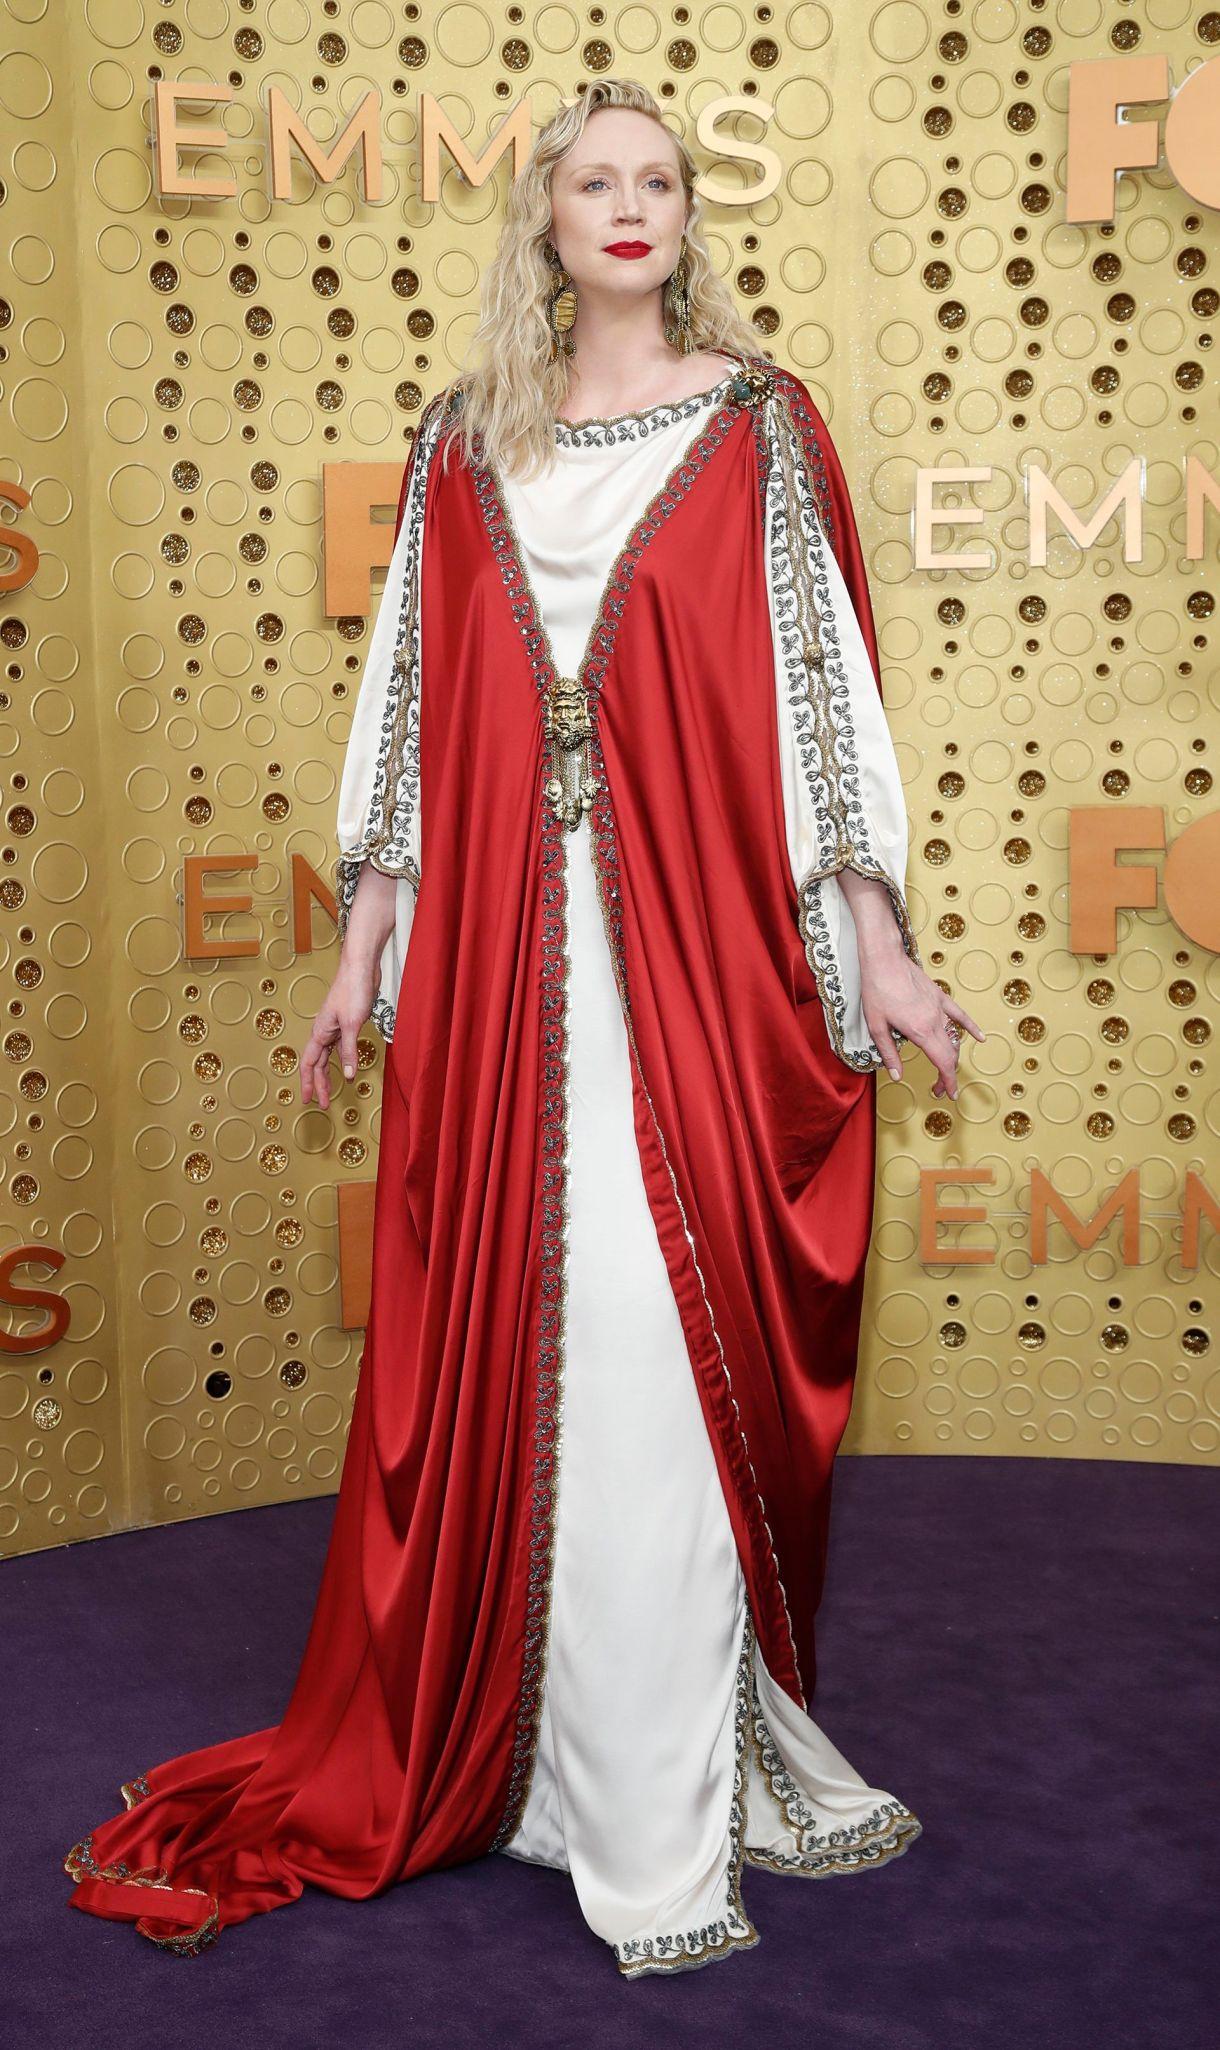 Uno de los looks más llamativos de la alfombra violeta fue el de Gwendoline Christie que lució una túnica roja y blanca con detalles de bordado en dorado